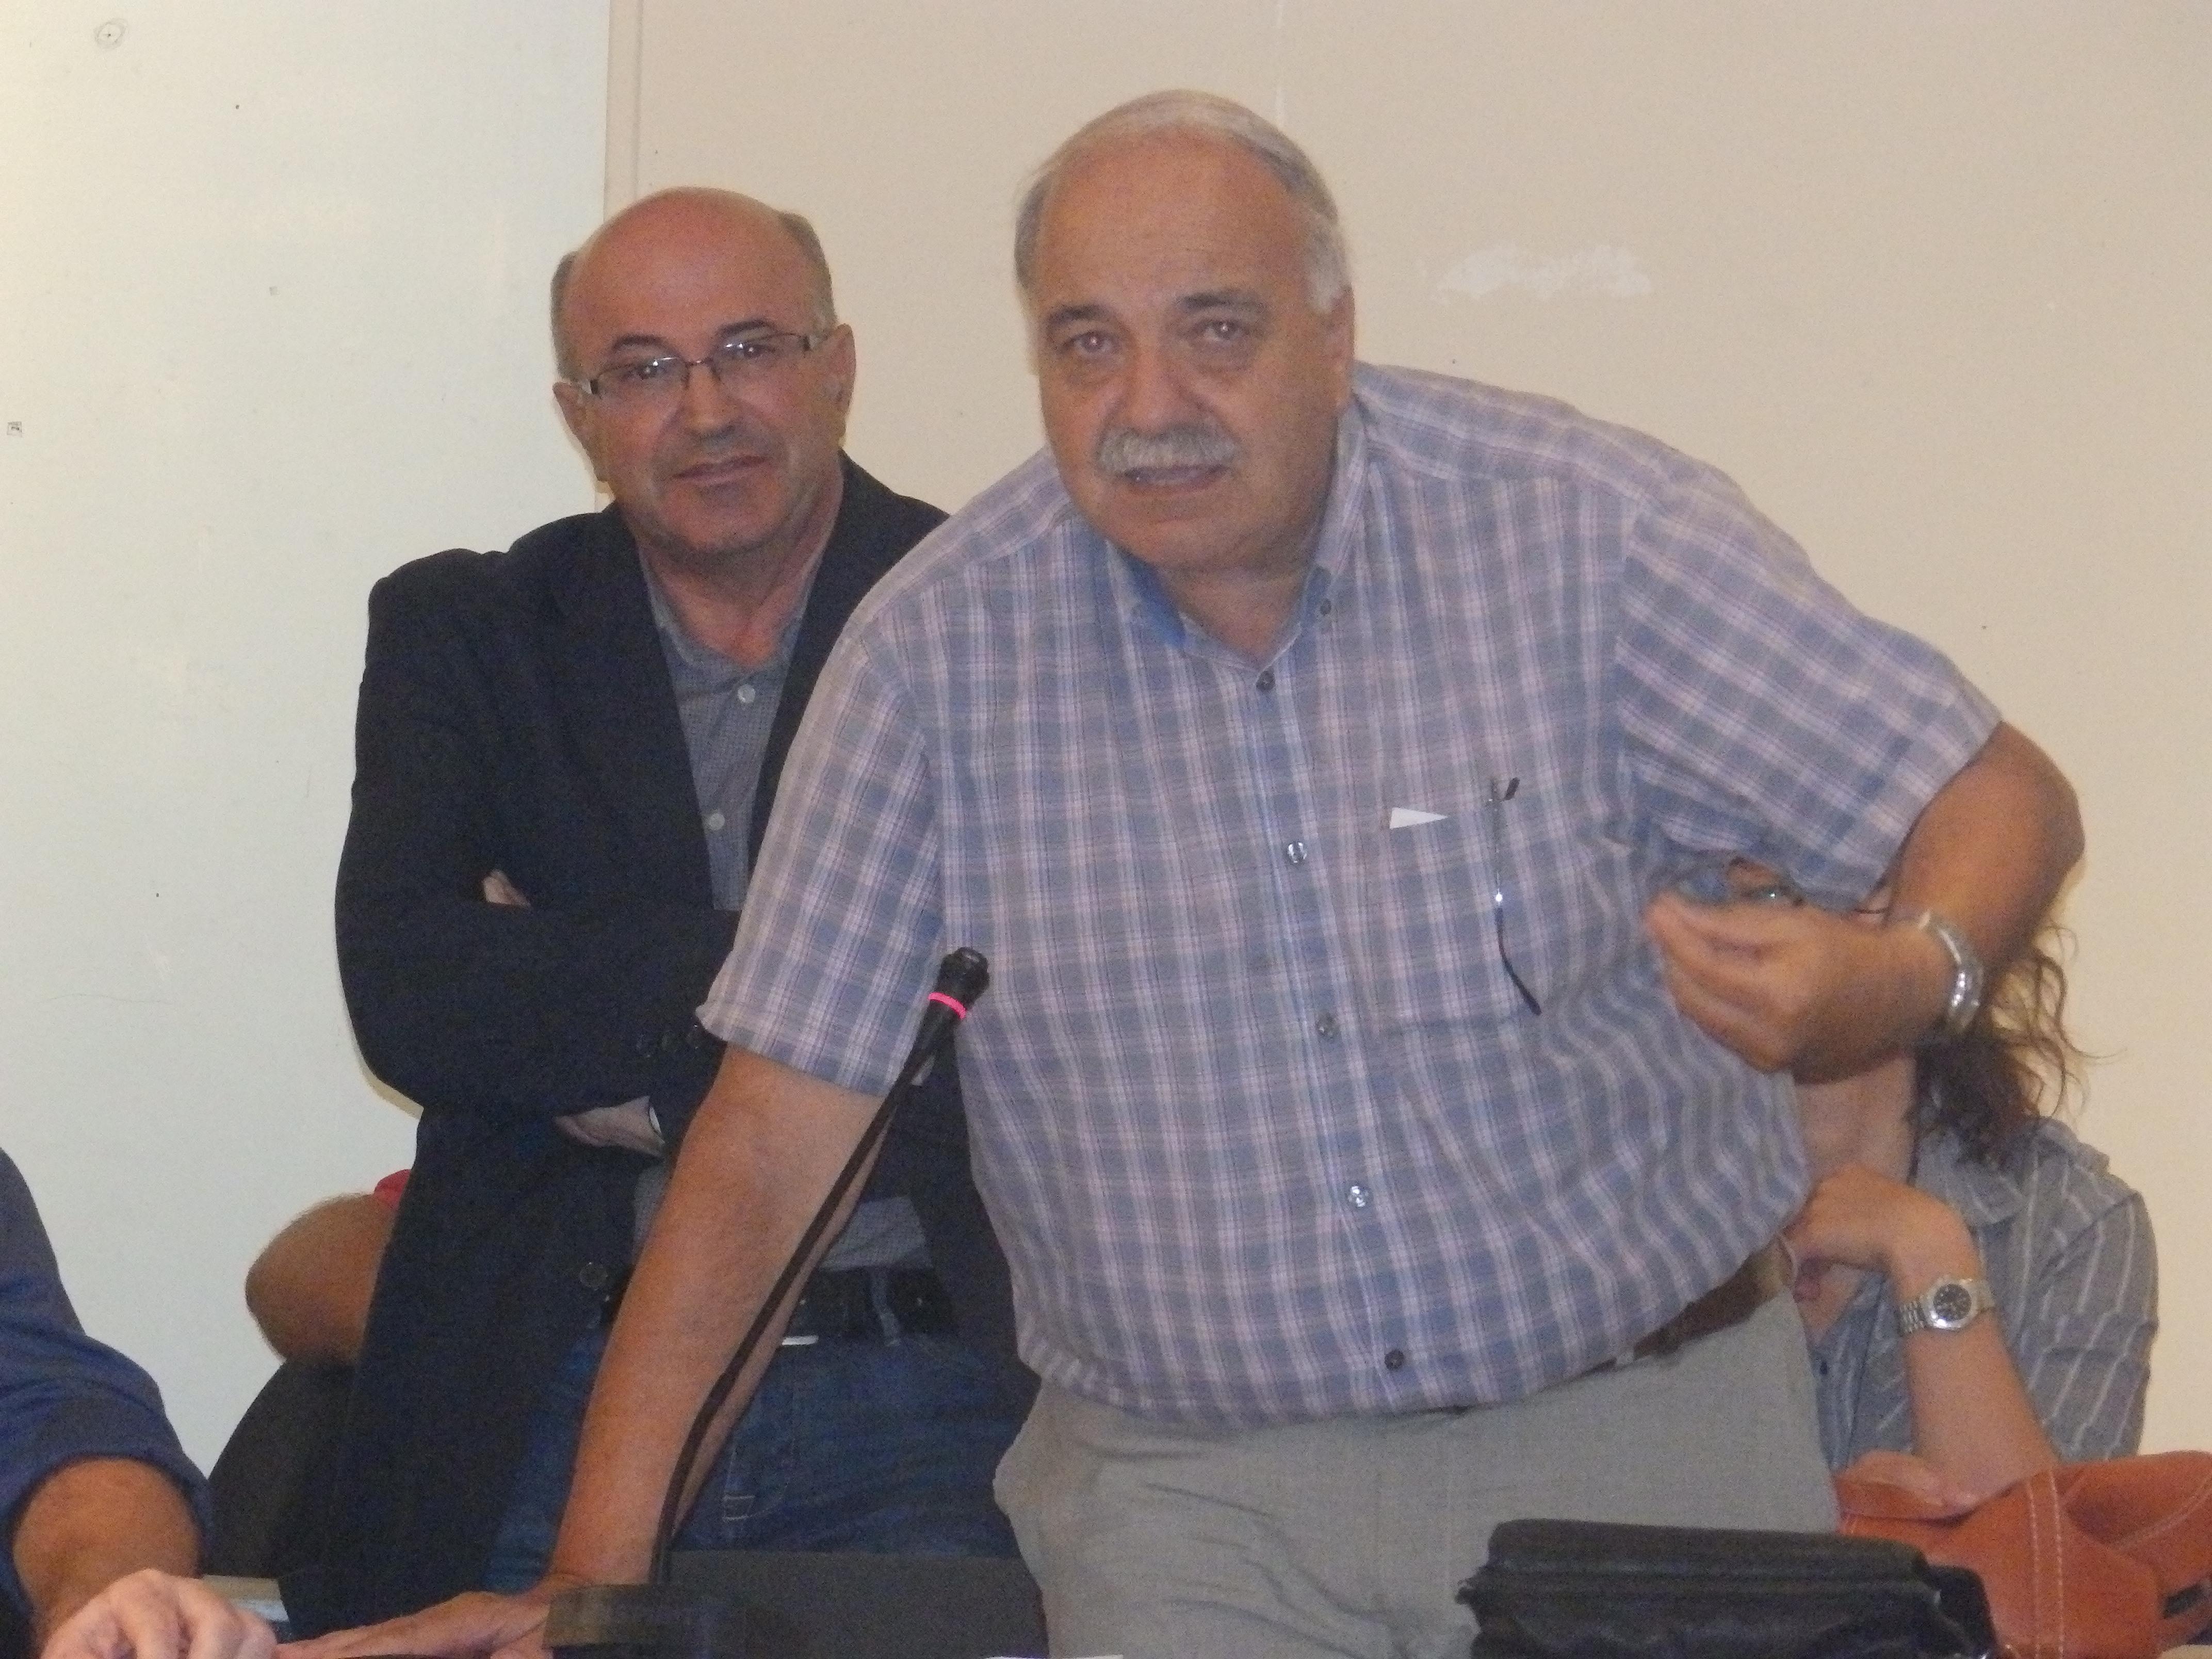 Ο αντιπεριφερειάρχης Τουρισμού κ. Σπύρος Γαλιατσάτος ενώ μιλάει κατά τη συνεδρίαση του Δ.Σ. Πίσω του ο τ. αντιπεριφερειάρχης κ. Σωτήρης Κουρής